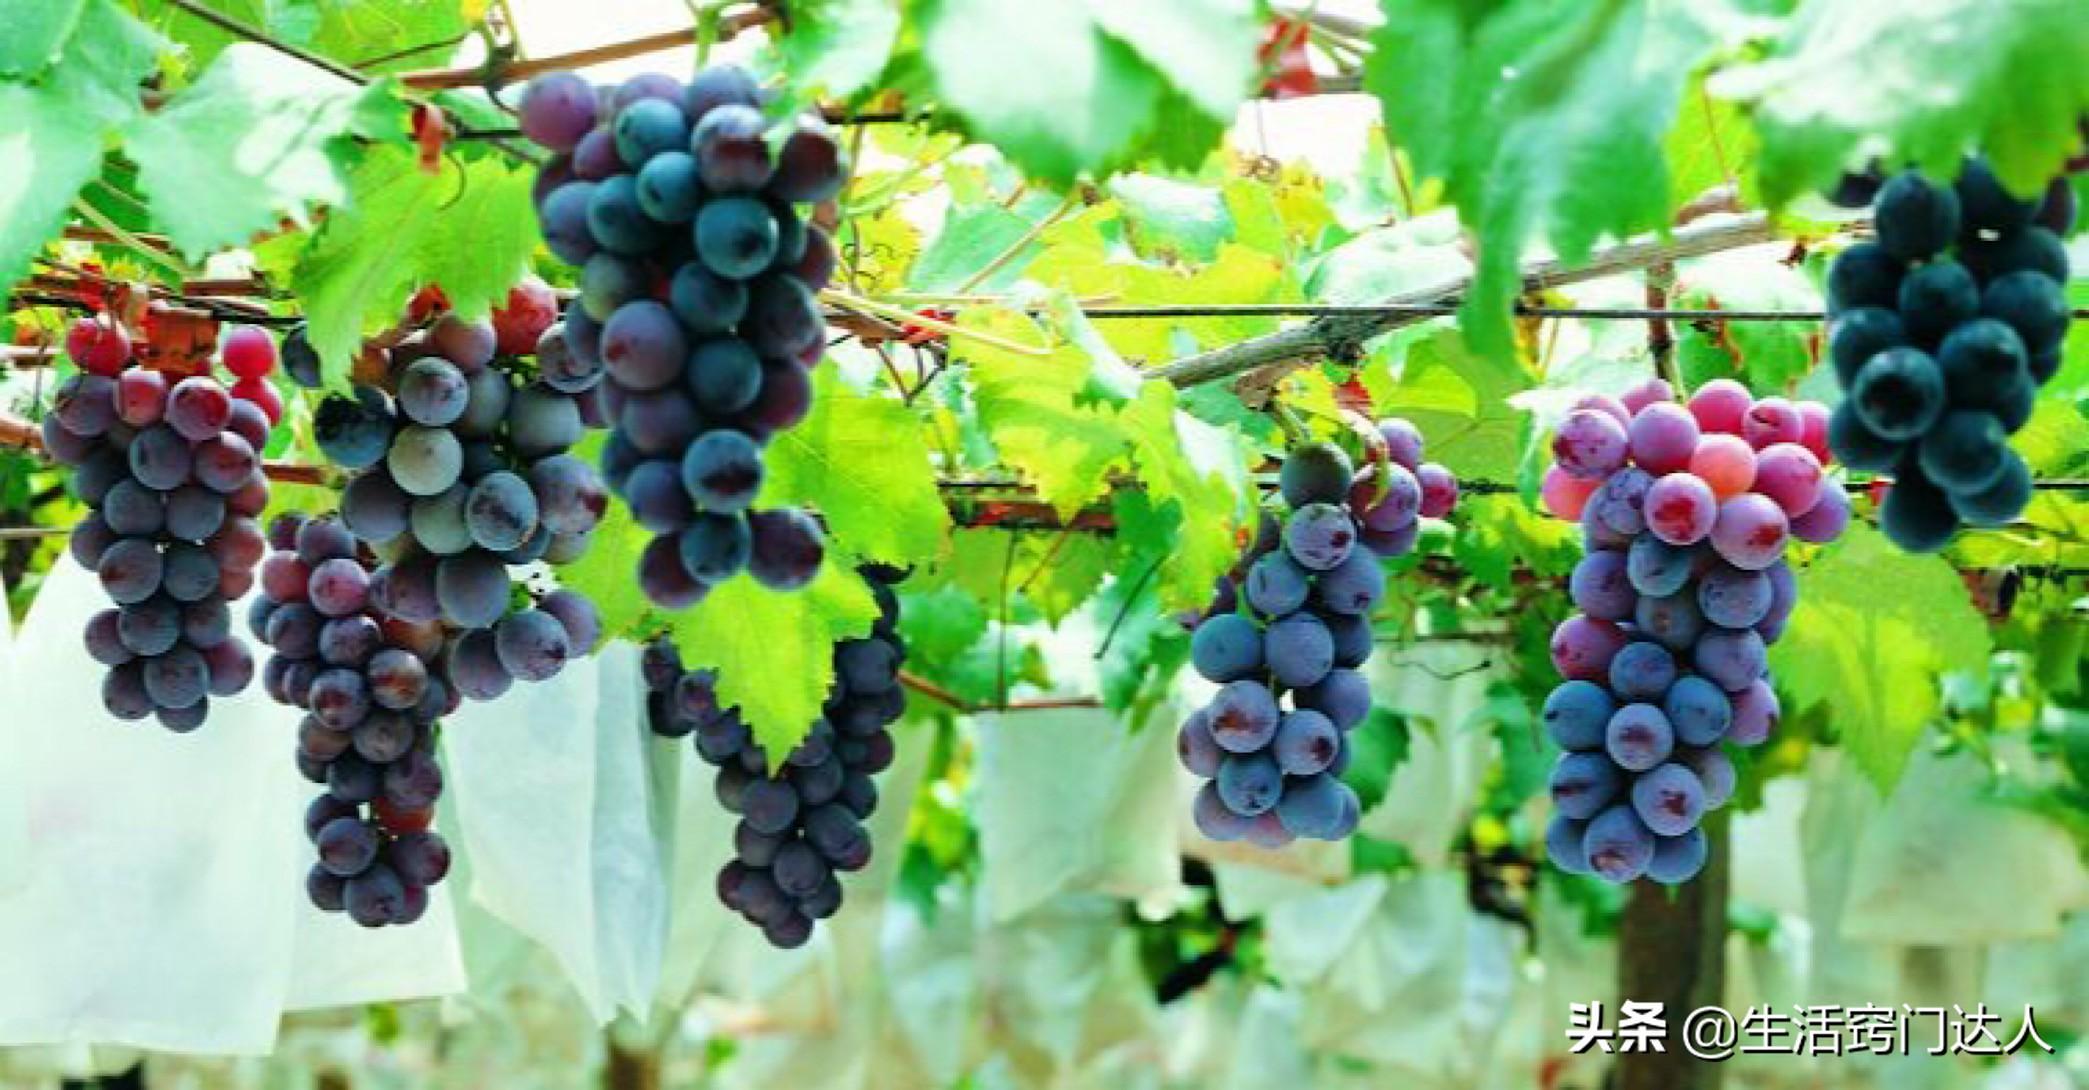 葡萄只用水洗远远不够,教你正确清洗方法,洗完连皮一起吃,学学 葡萄清洗方法 第3张